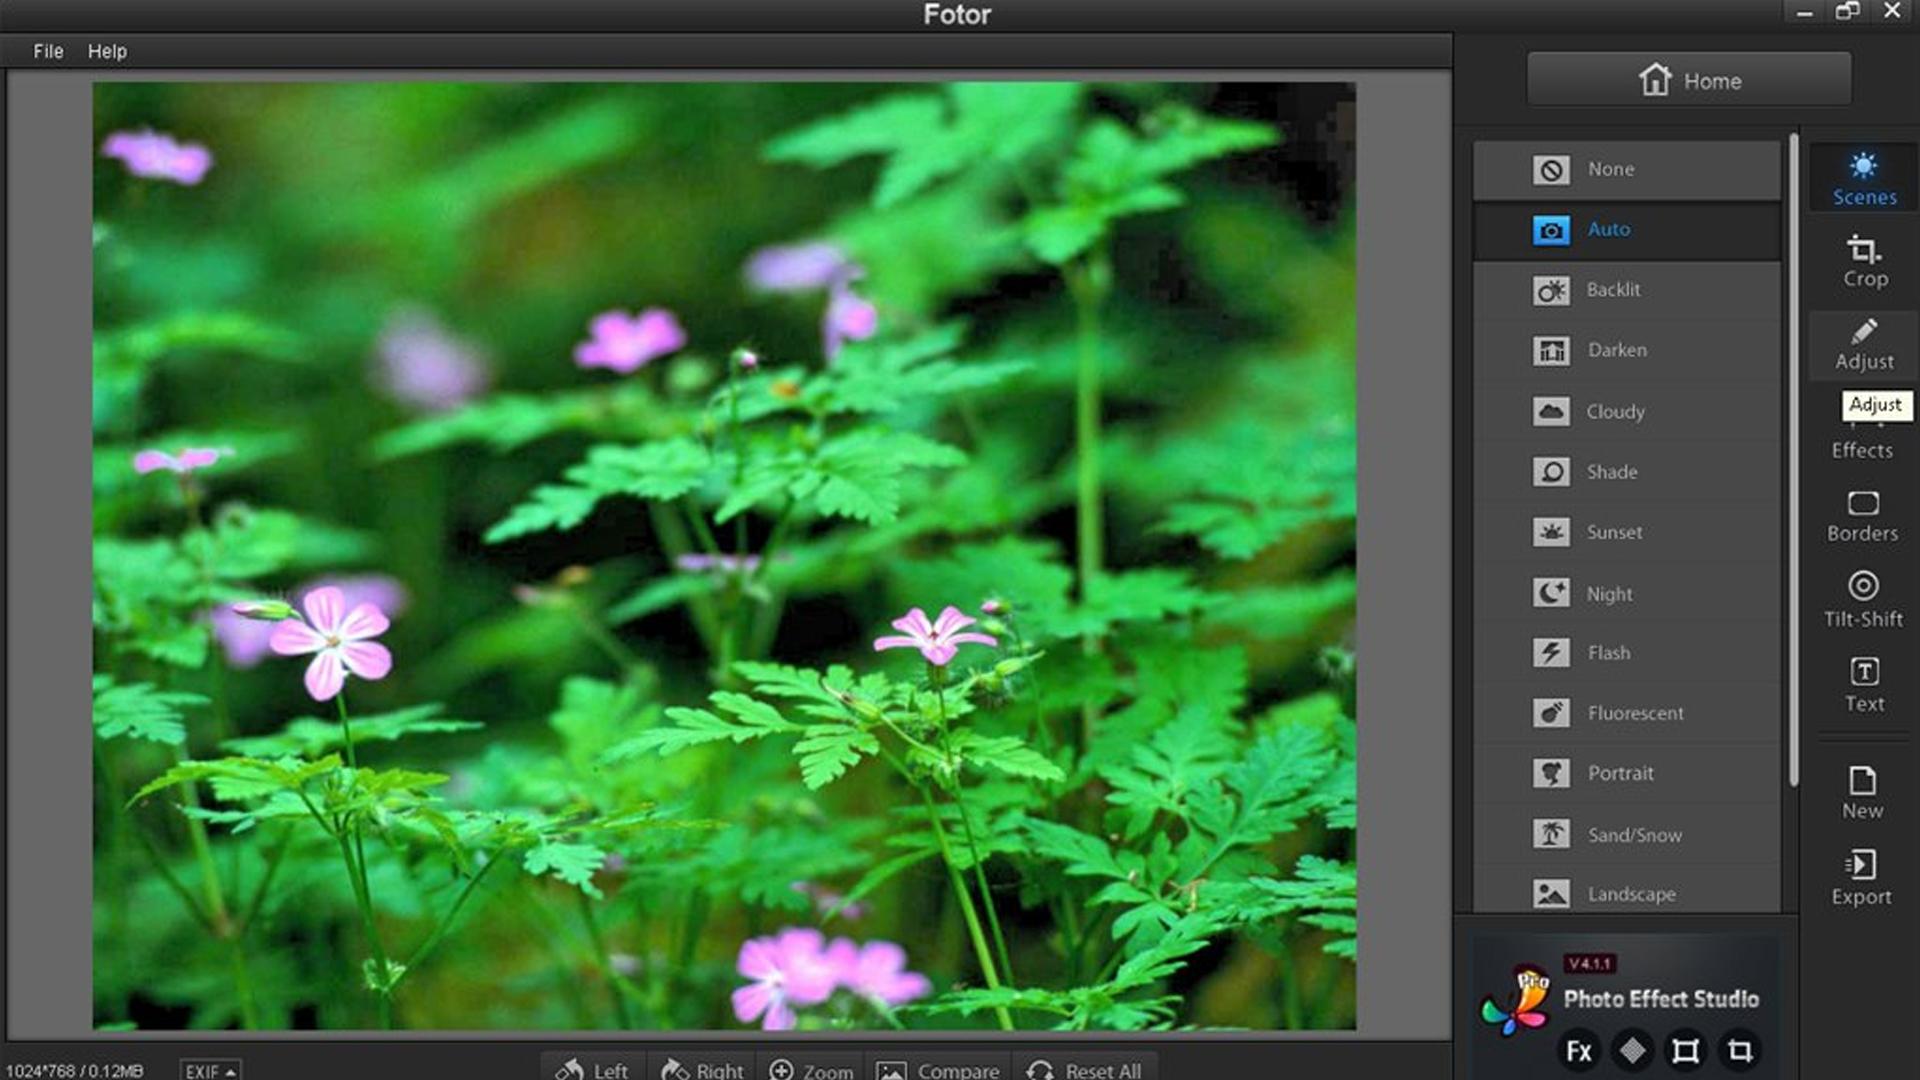 Com o foto é possível melhorar qualidade da foto de maneira gratuita e online. (Fonte: Fotor / Reprodução)